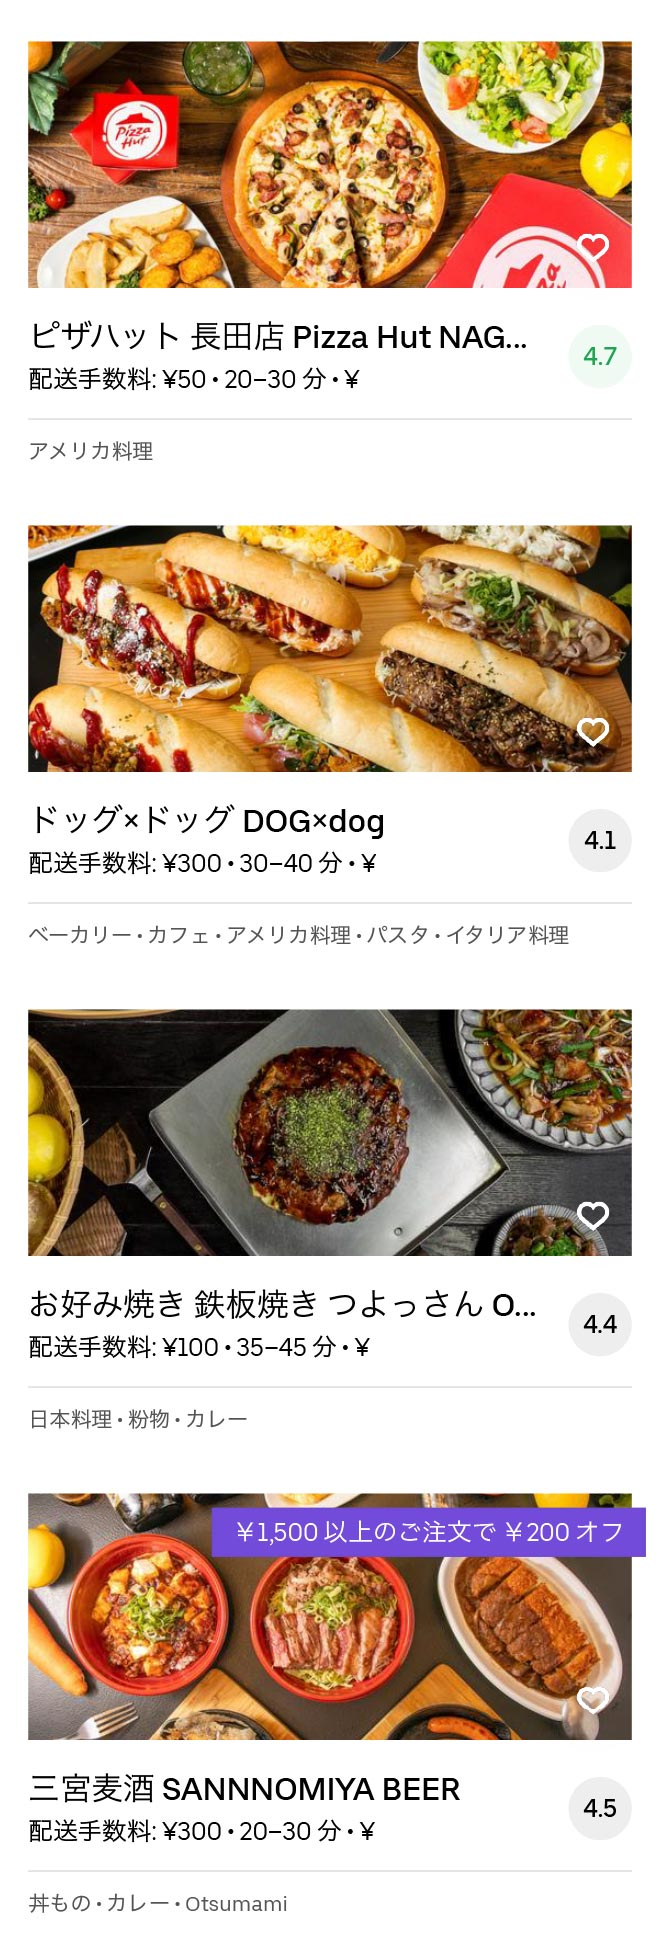 Kobe shin nagata menu 2005 08